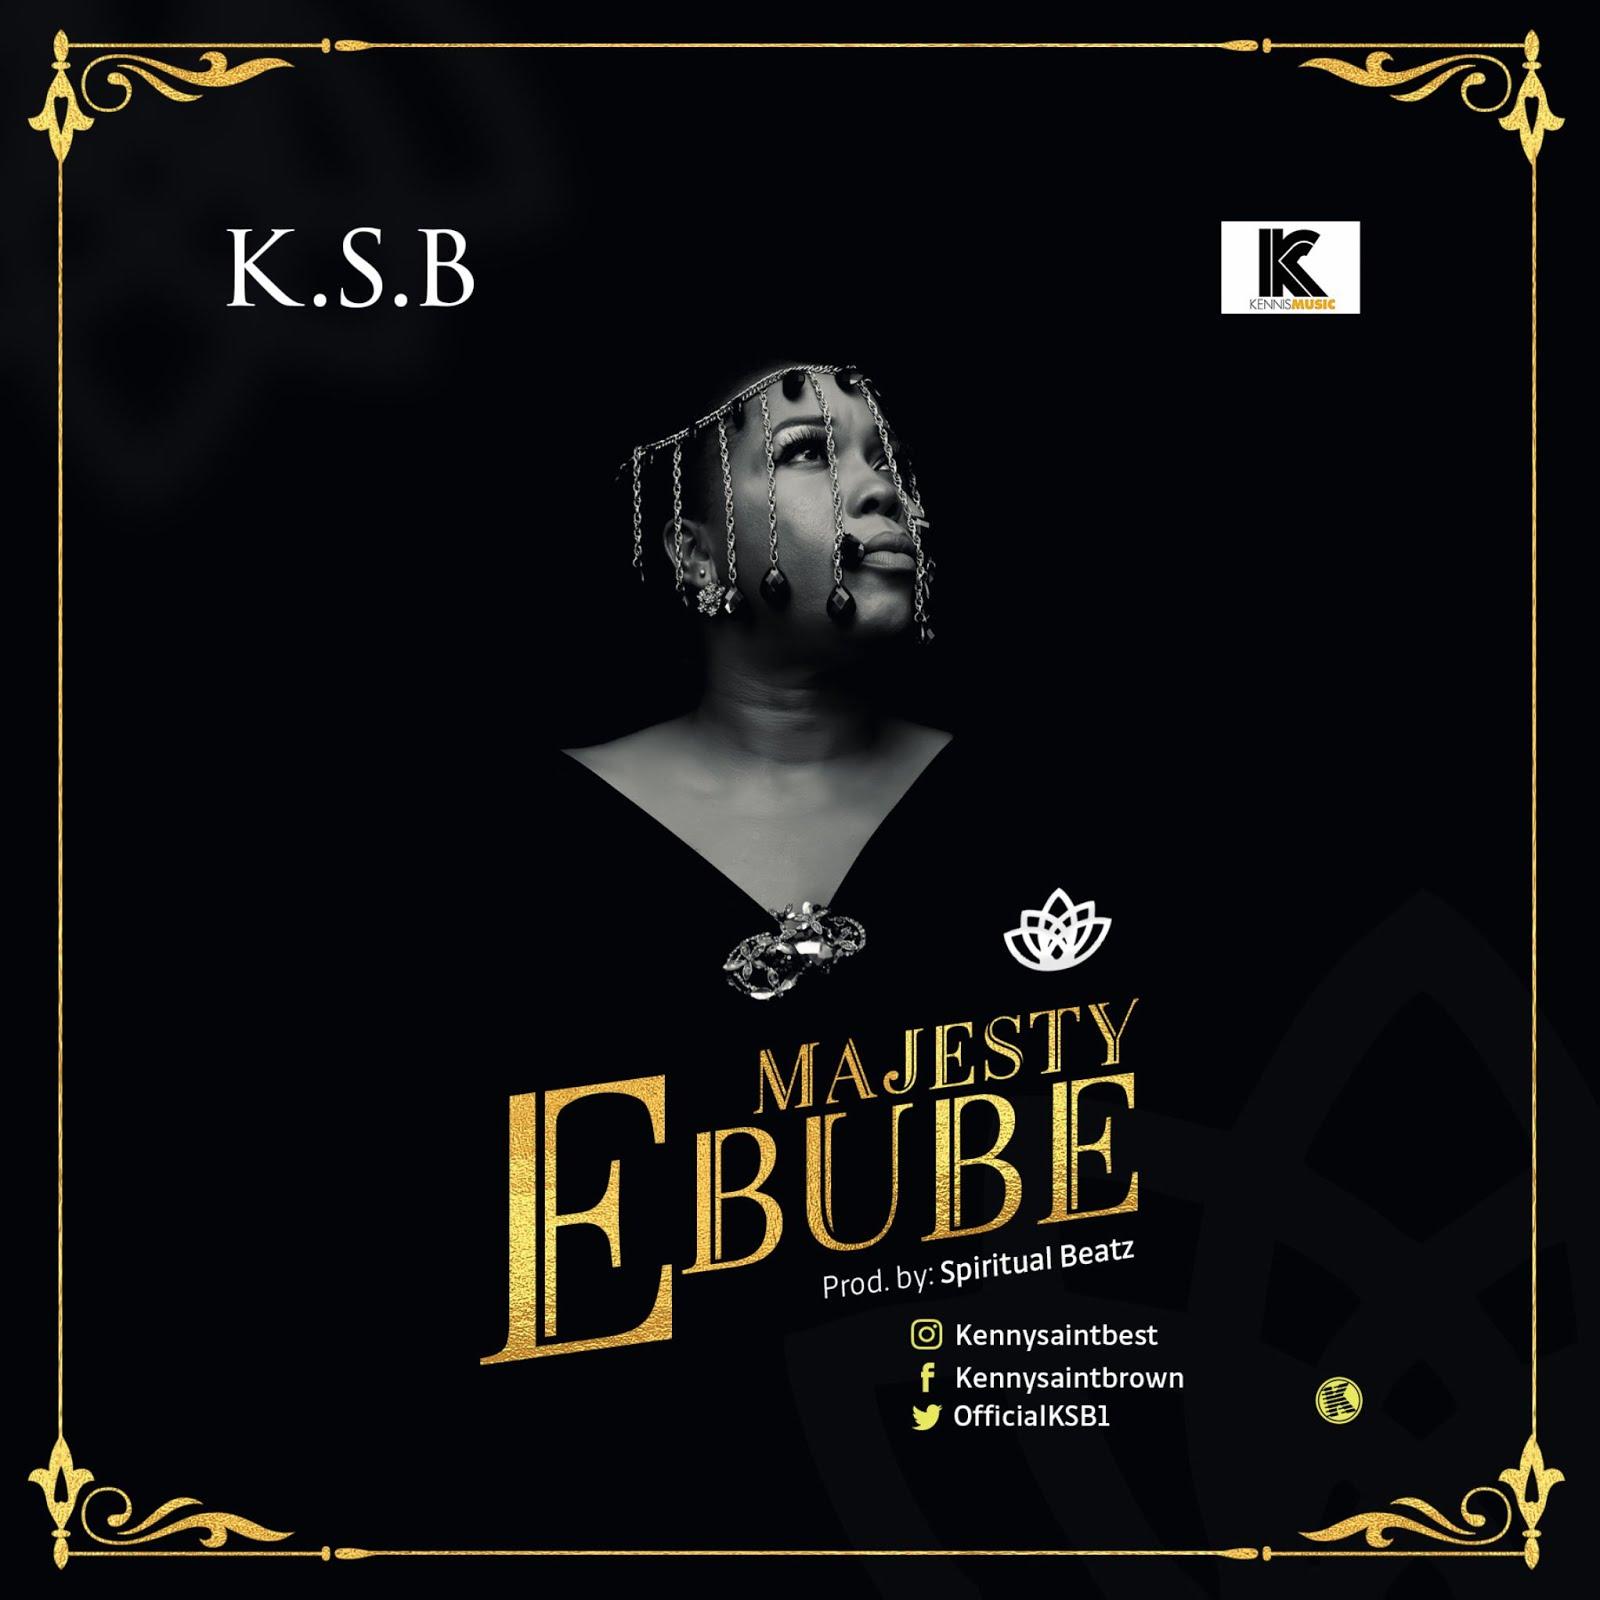 KSB. Ebube. Majesty. Gospel Redefined.